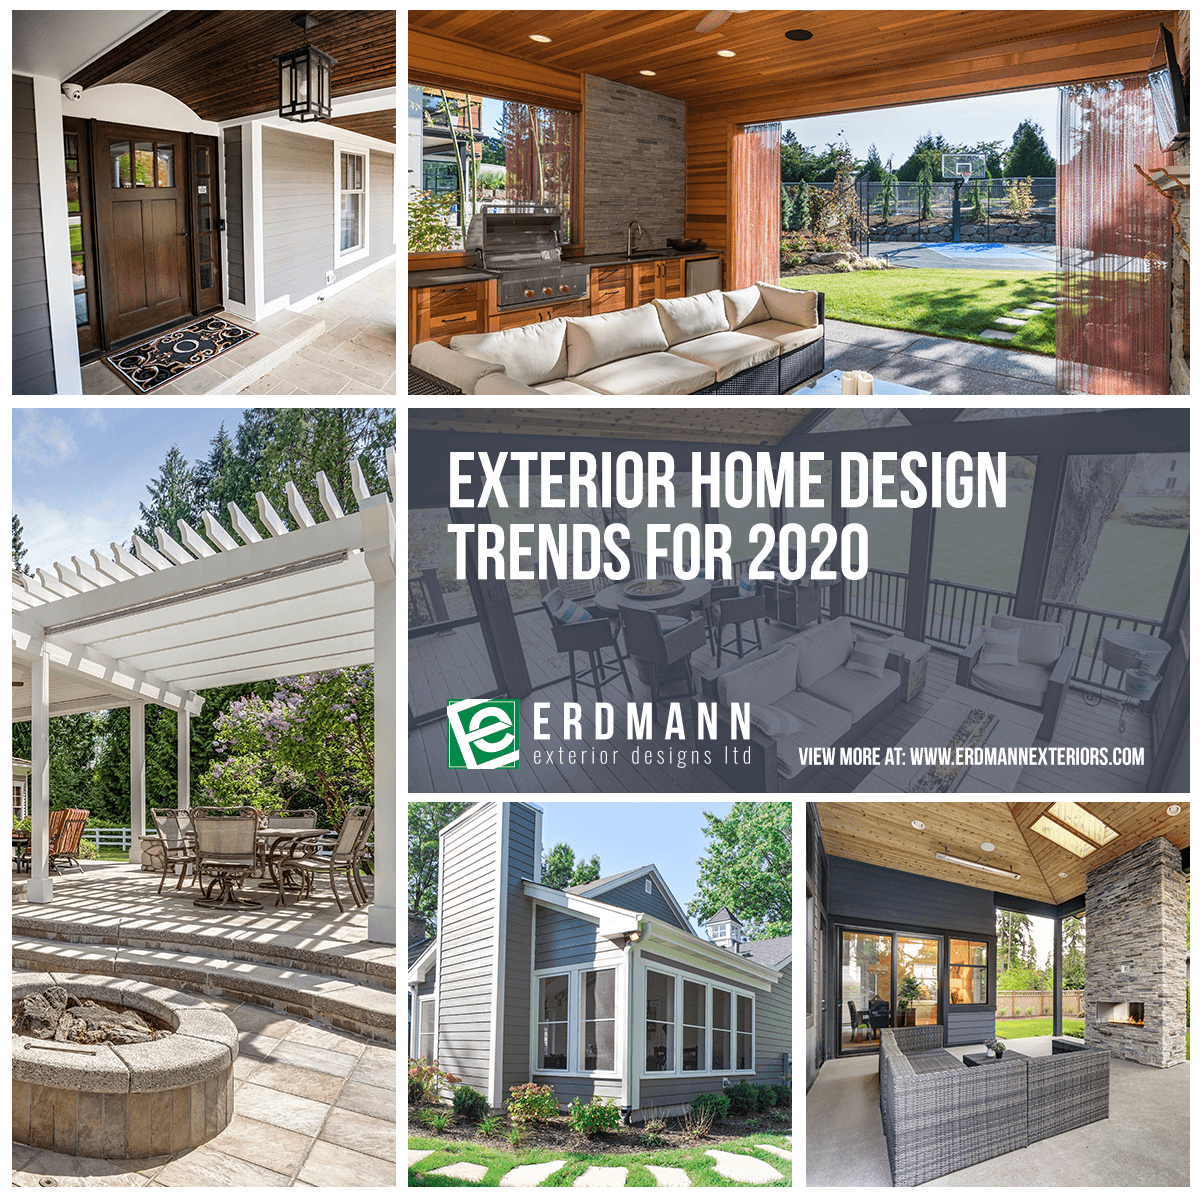 Exterior Home Design Trends For 2020 Erdmann Exteriors